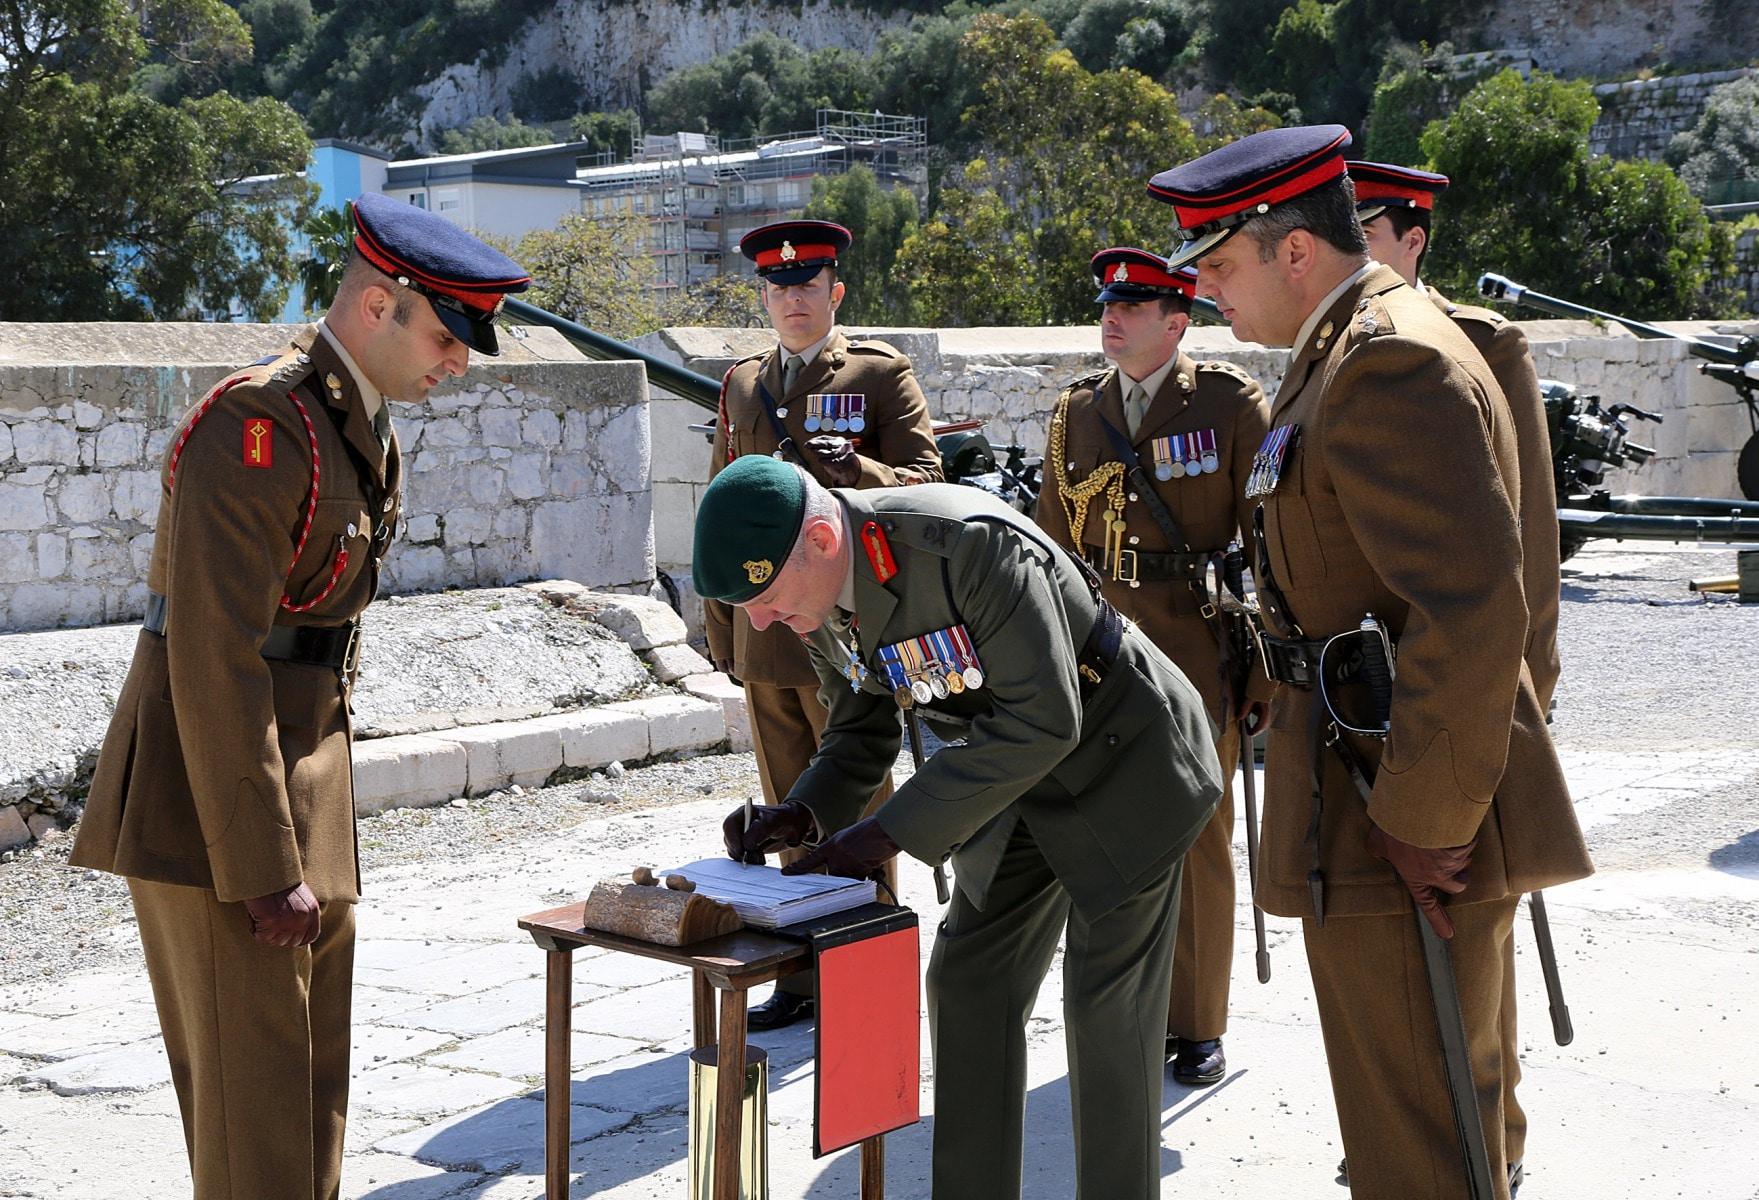 salvas-en-gibraltar-en-honor-al-90-cumpleaos-de-la-reina-isabel-ii_26494939341_o